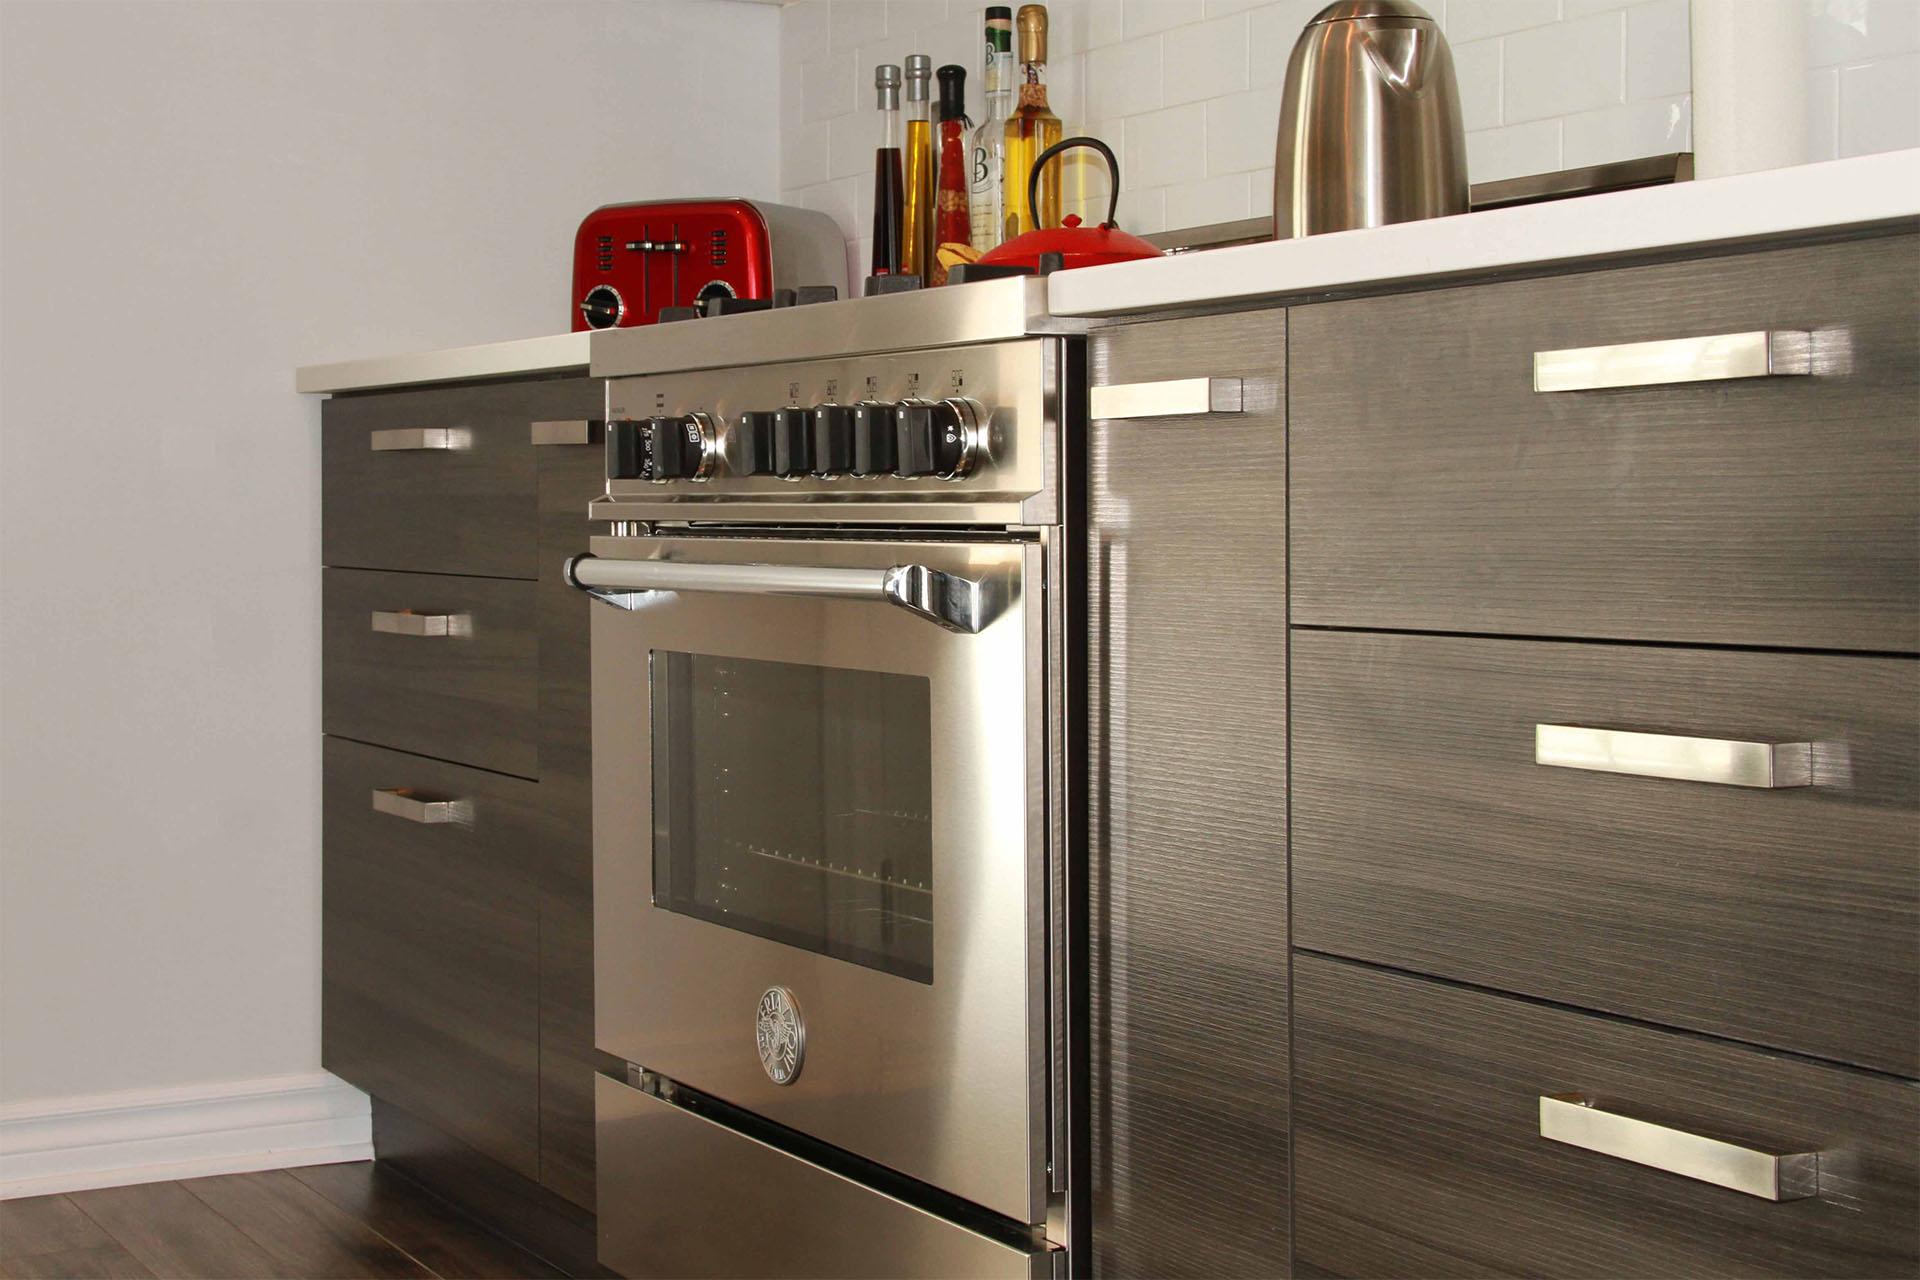 armoires de cuisine de m lamine grise. Black Bedroom Furniture Sets. Home Design Ideas